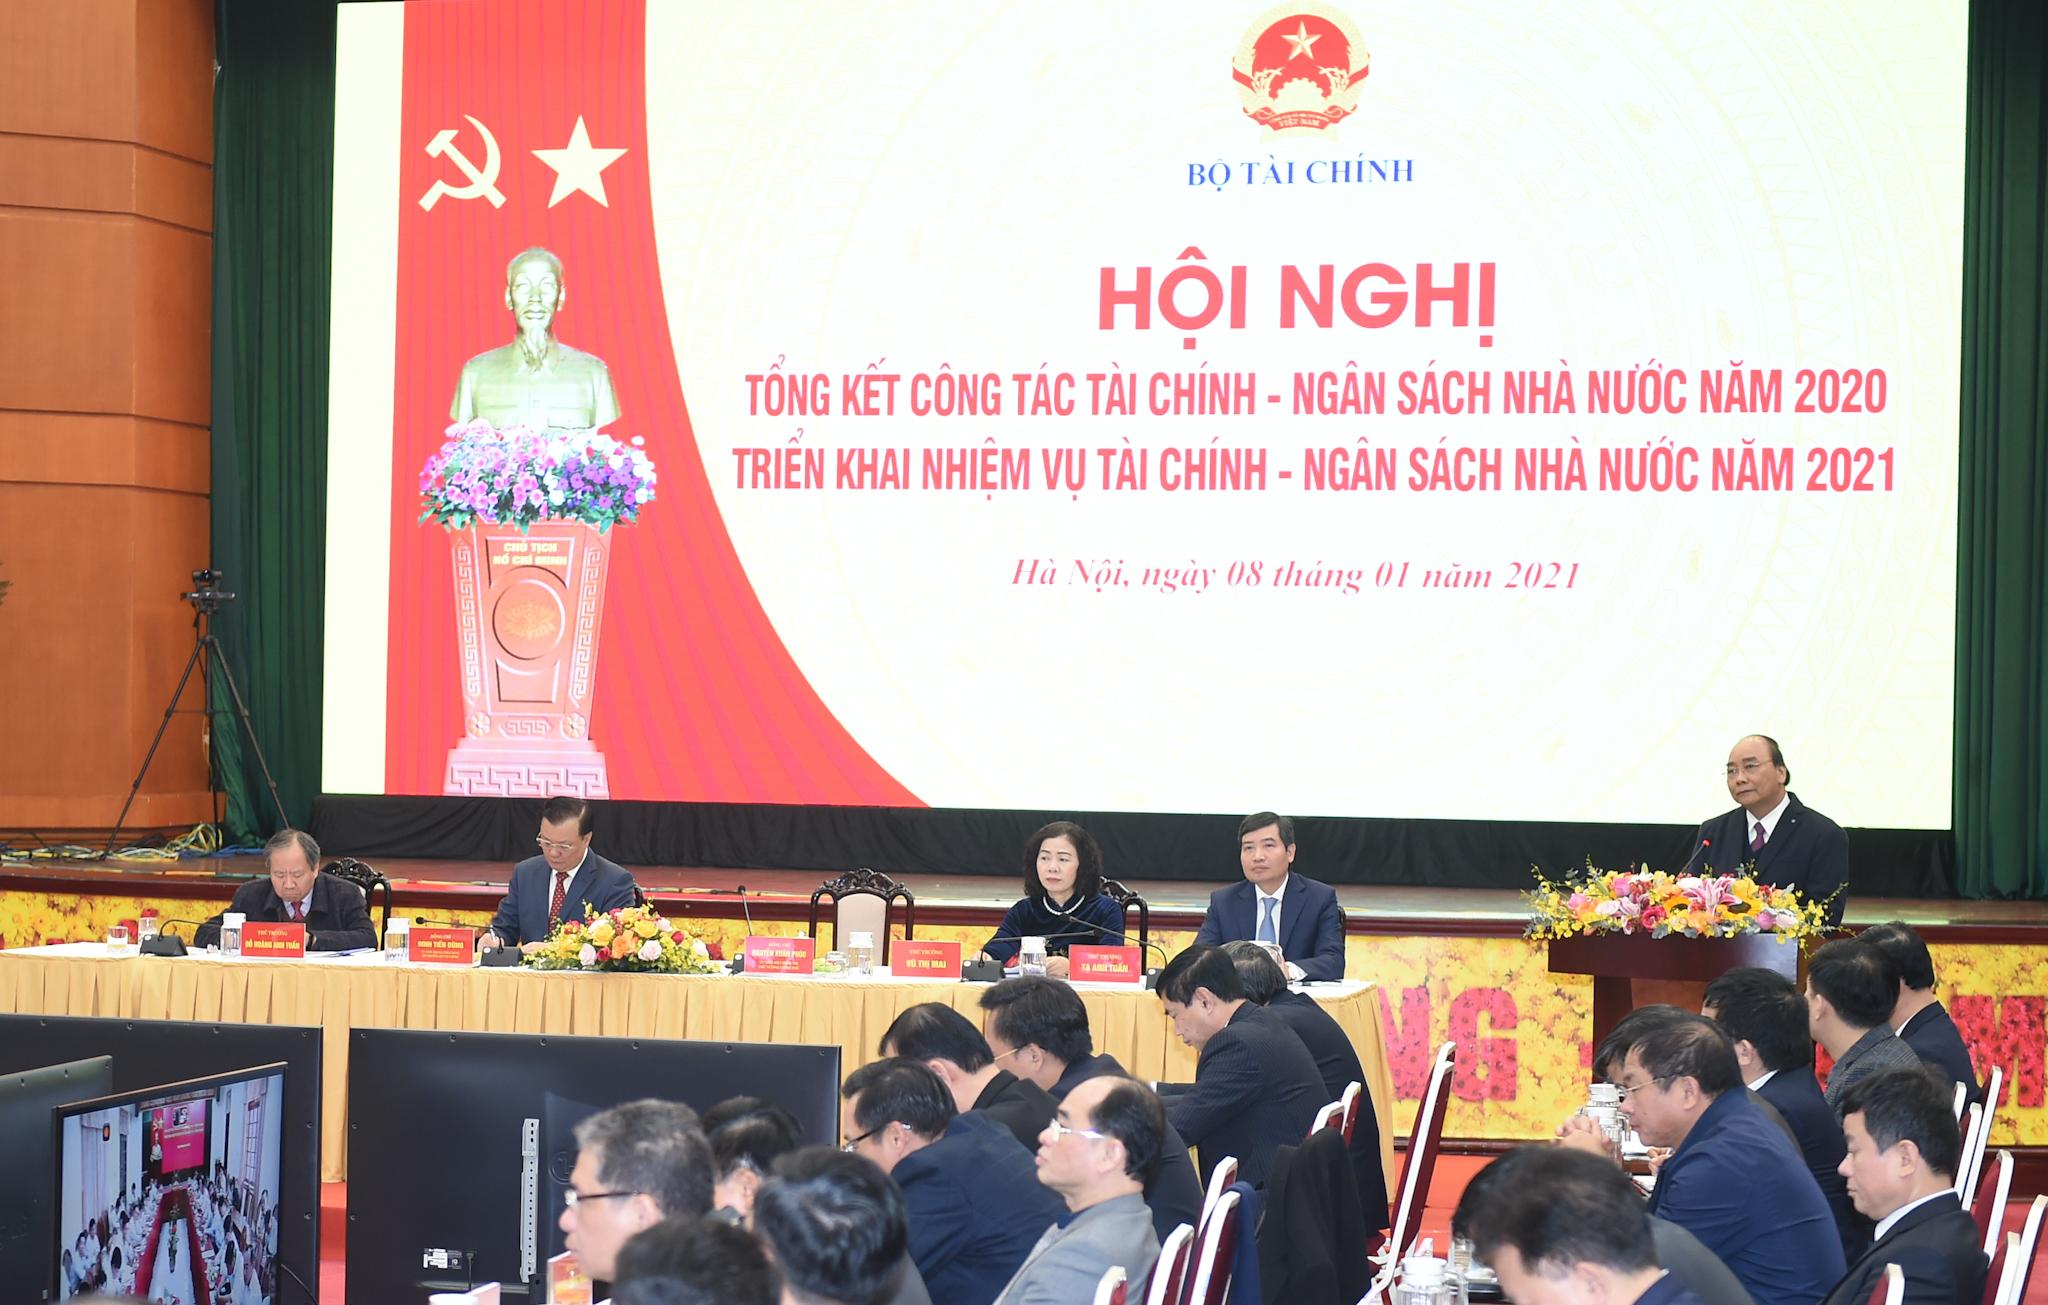 Quang cảnh hội nghị đầu cầu Hà Nội. Ảnh: VGP/Quang Hiếu